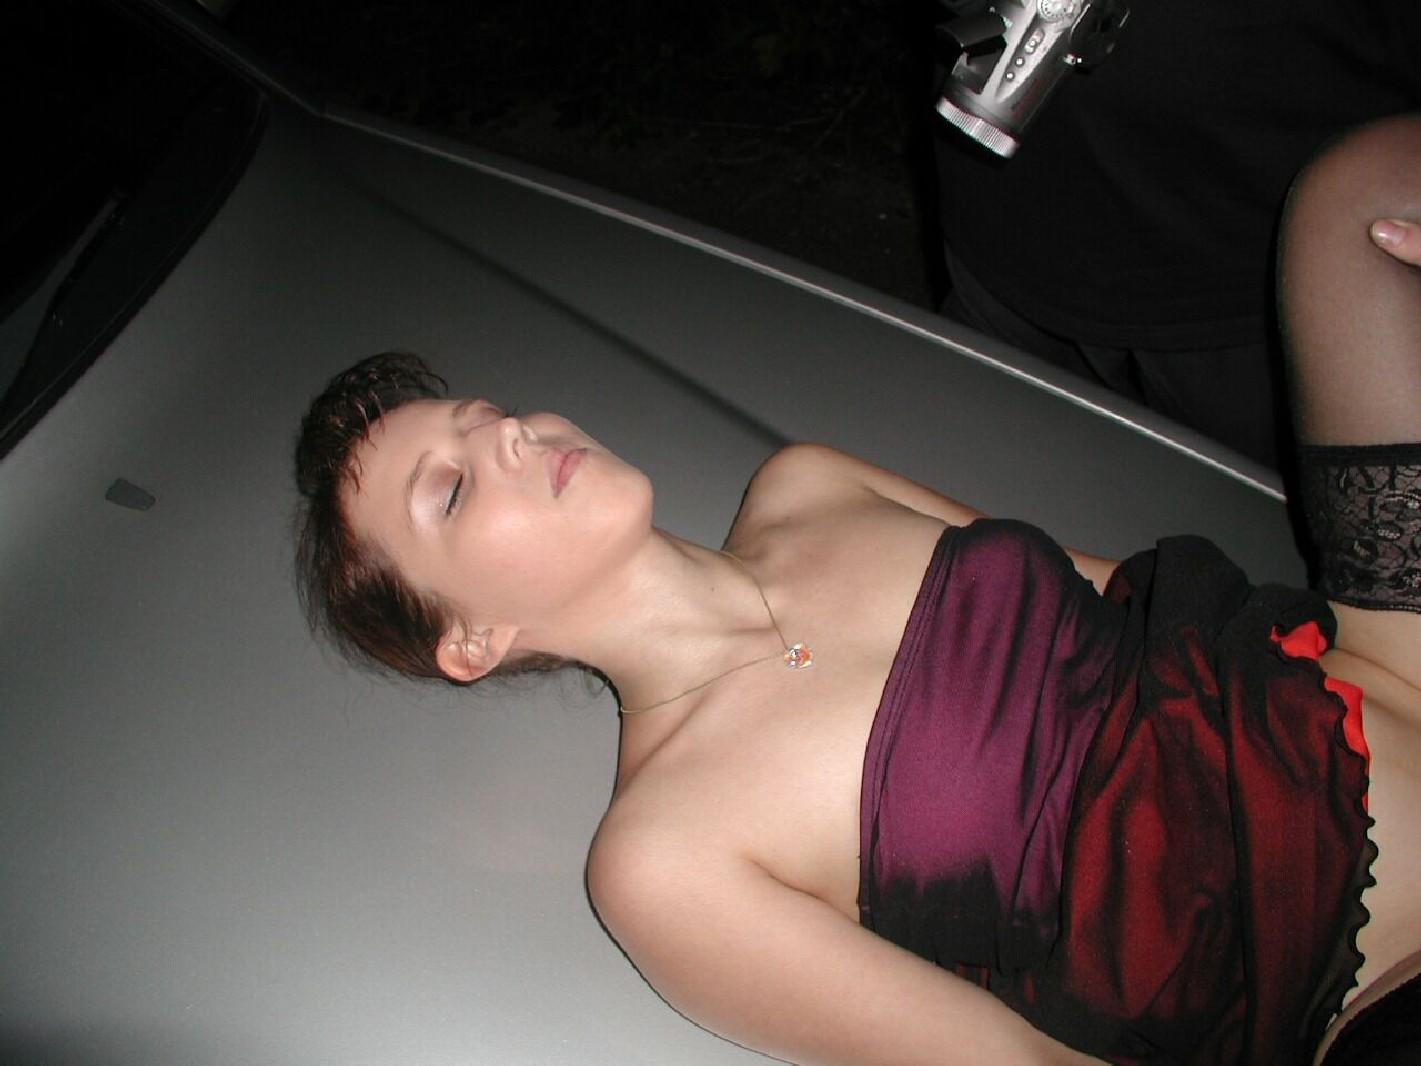 Slut wife garage 2013 - 2 7